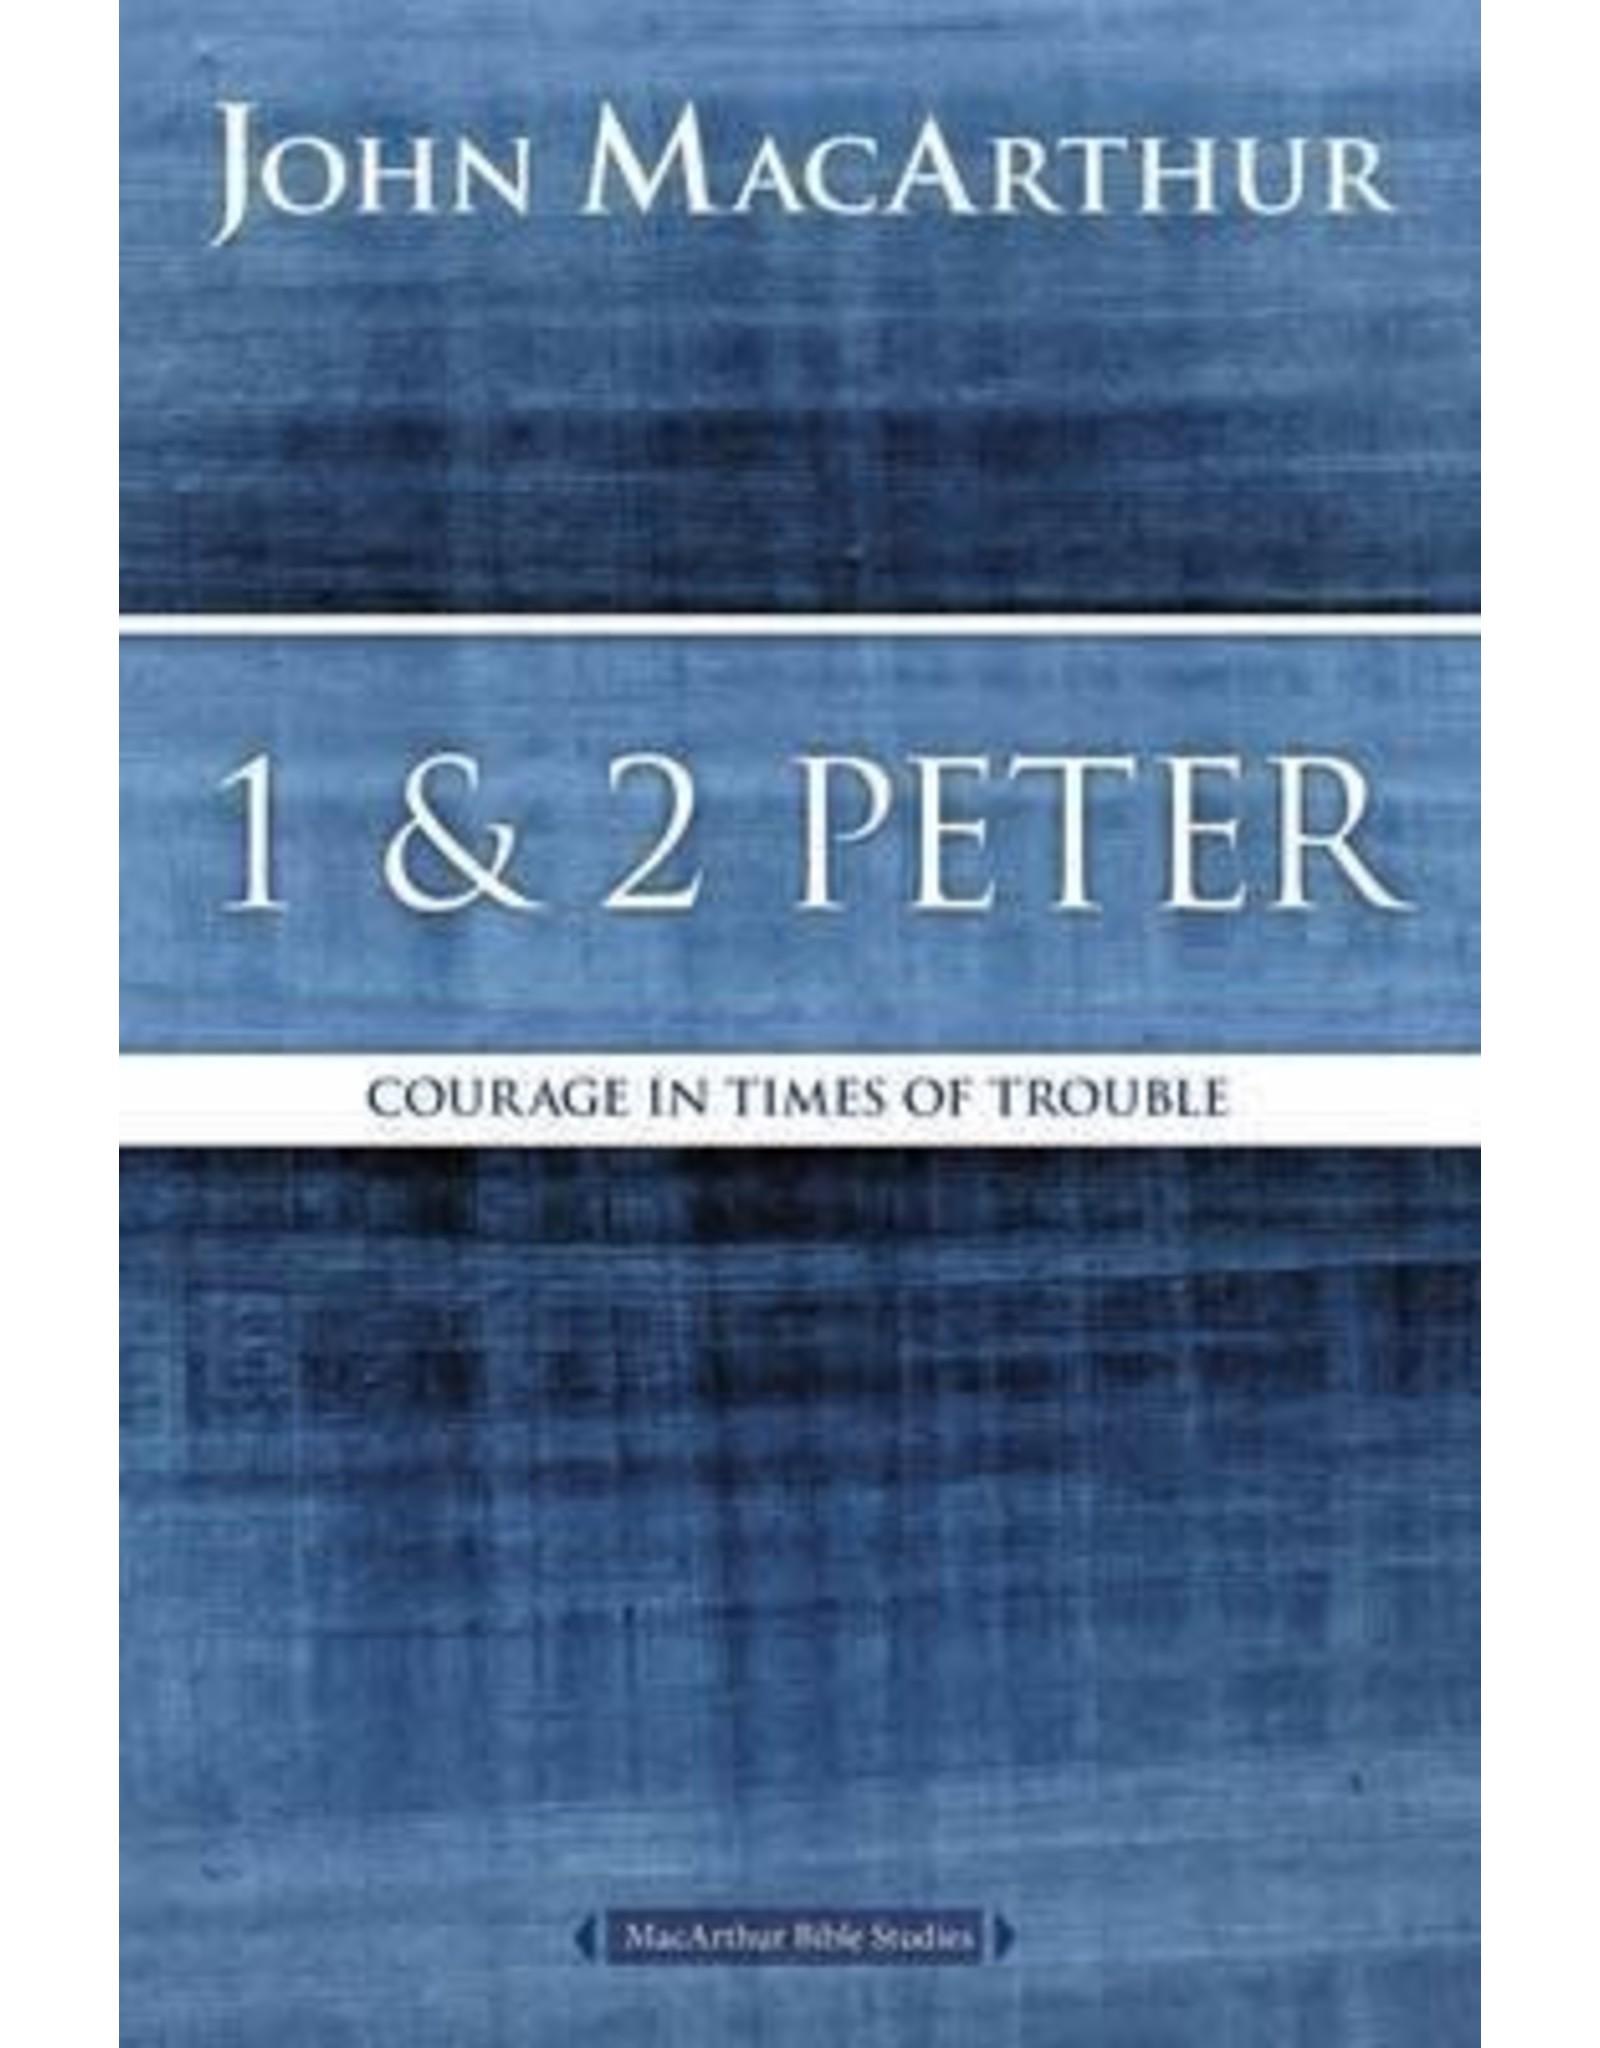 MacArthur MacArthur Bible Study  1 and 2 Peter